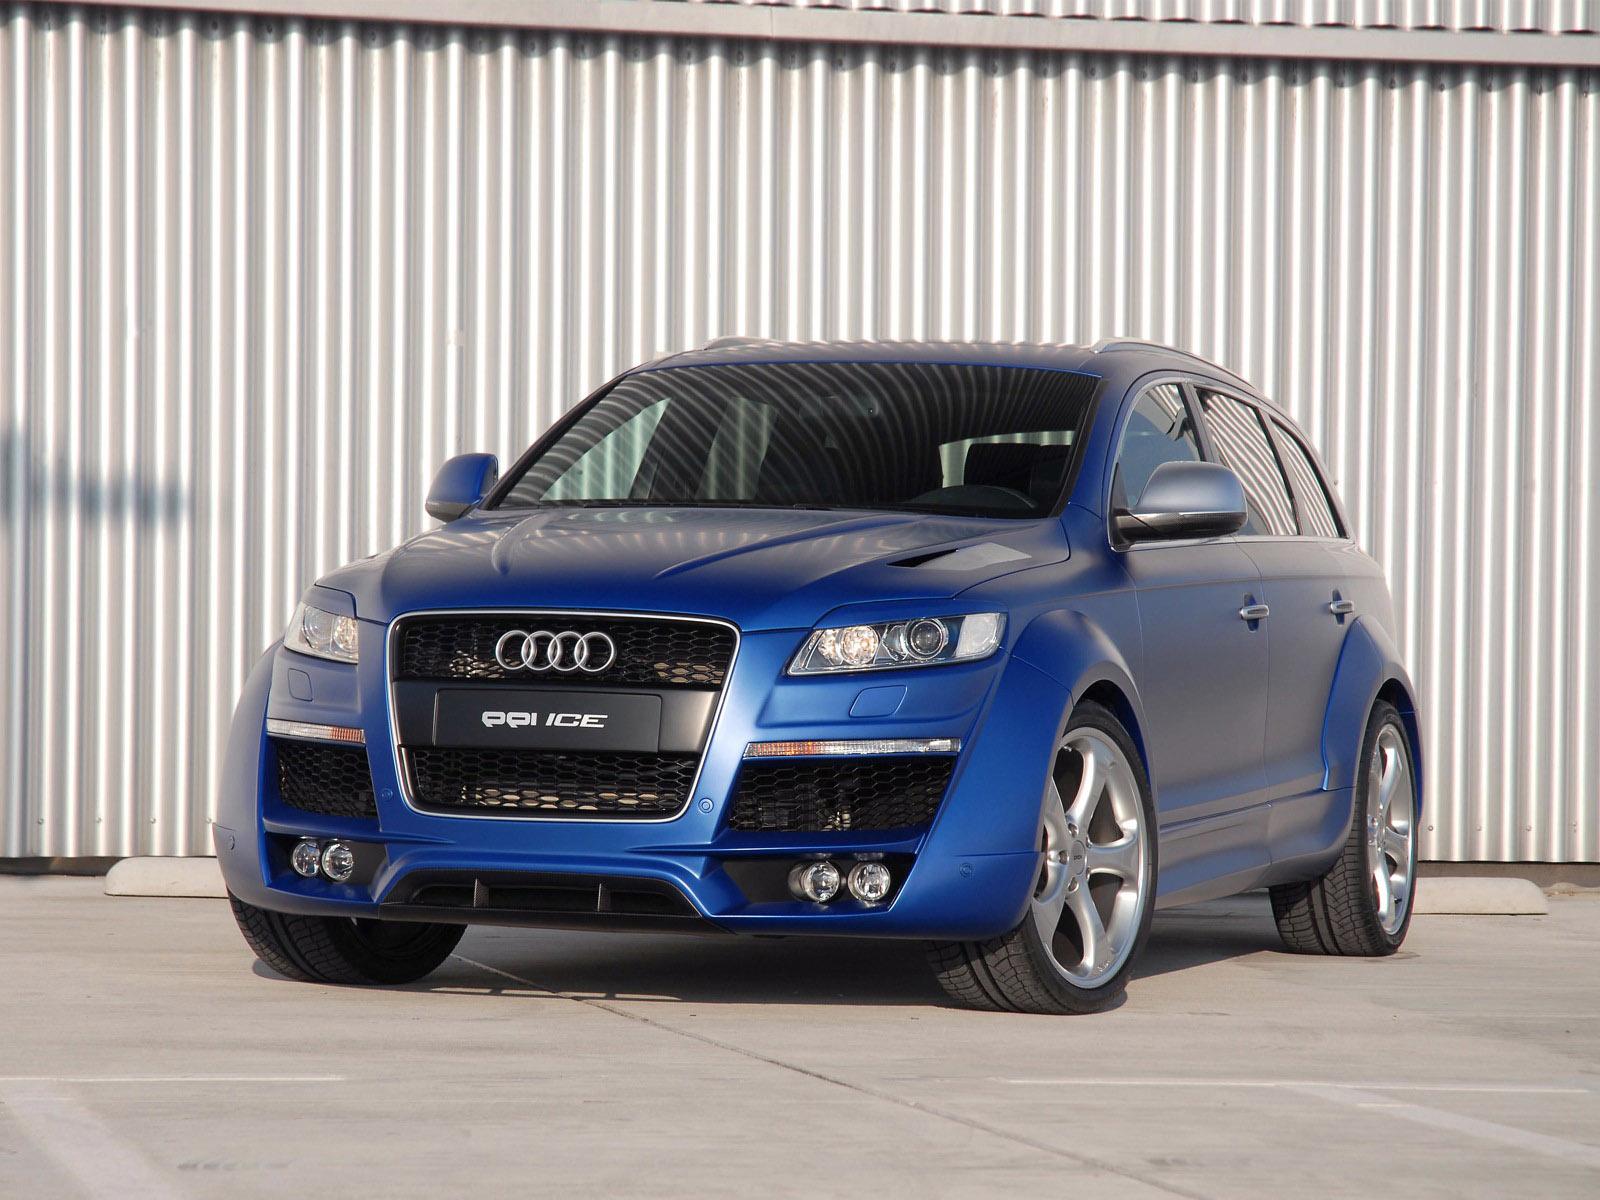 Hintergrundbilder Fahrzeug Audi Q5 Sportwagen Netcarshow